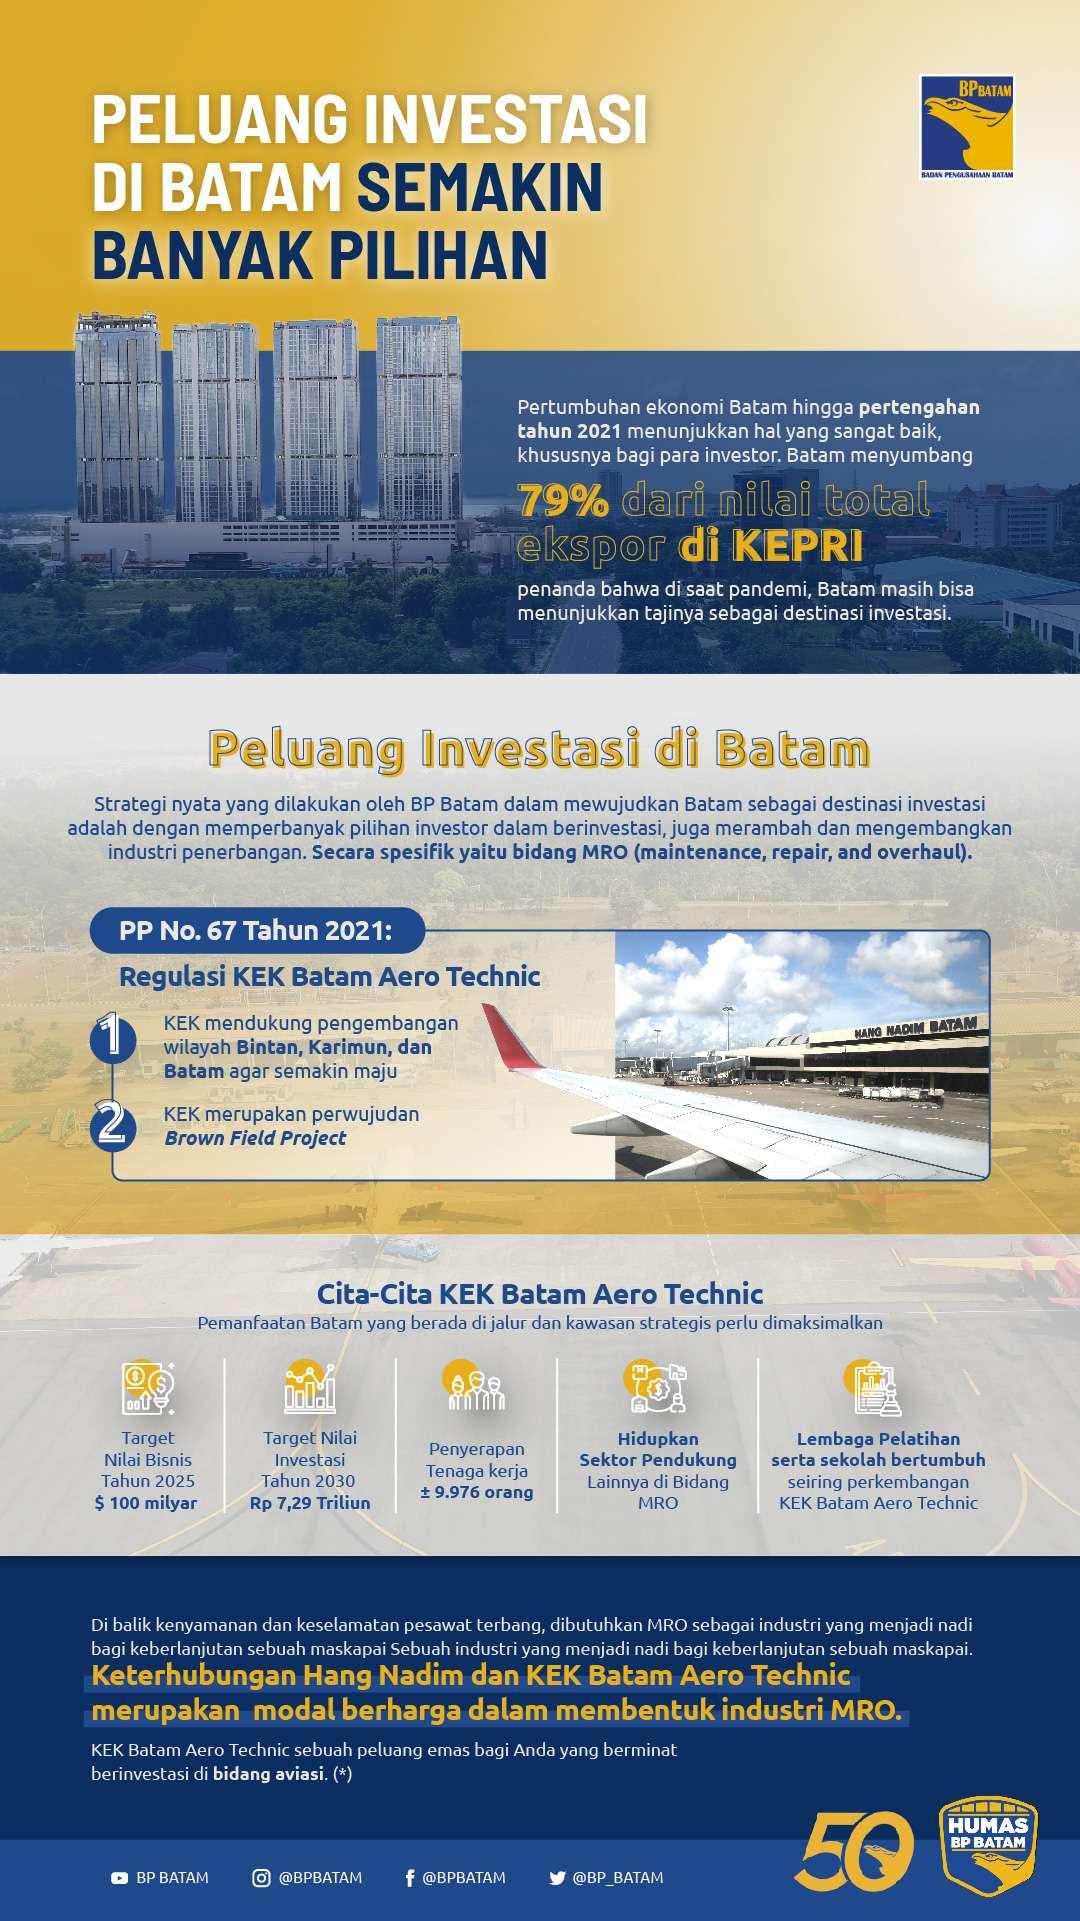 Peluang Investasi di Batam Semakin Banyak Pilihan (Infografis)